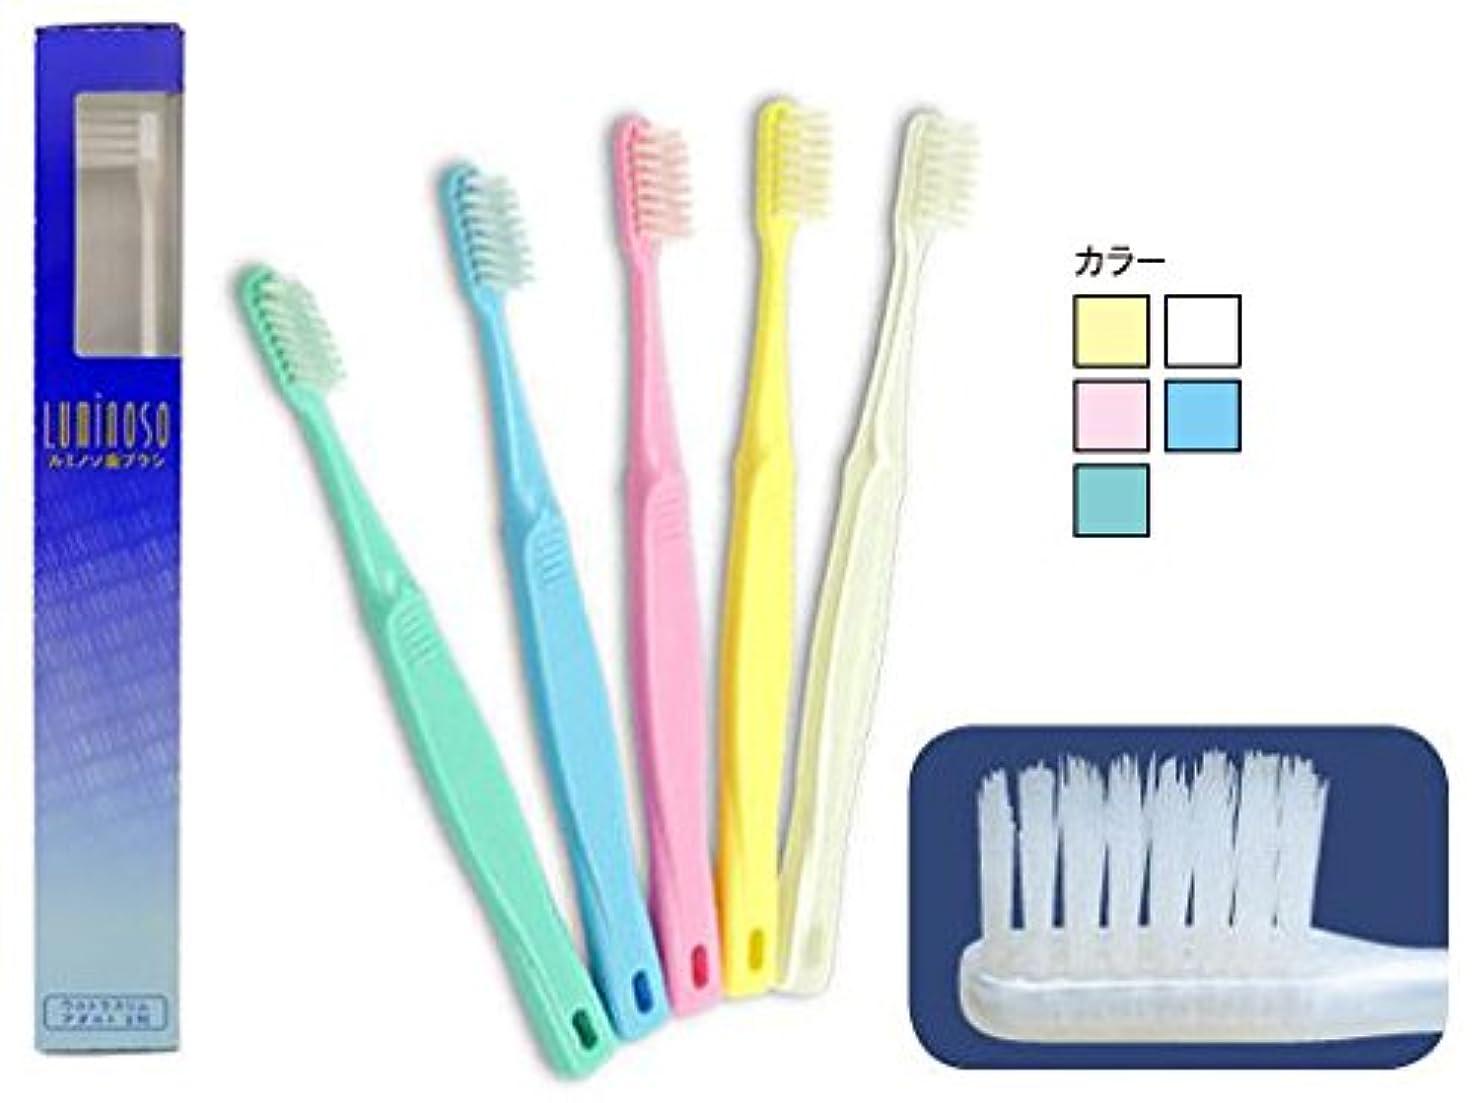 ただやるあらゆる種類のパイルルミノソ 歯ブラシ ウルトラスリム アダルト 3列 3本 (カラー指定不可)